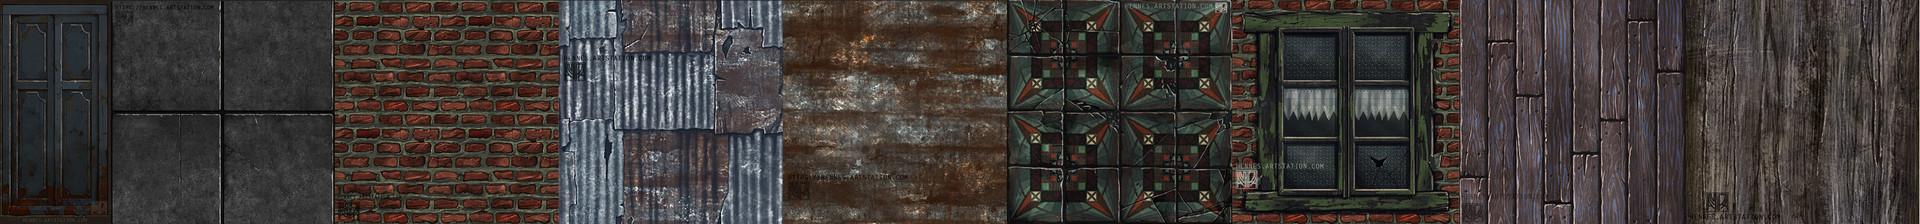 Amira hennes amirahennes paintedtxt 00